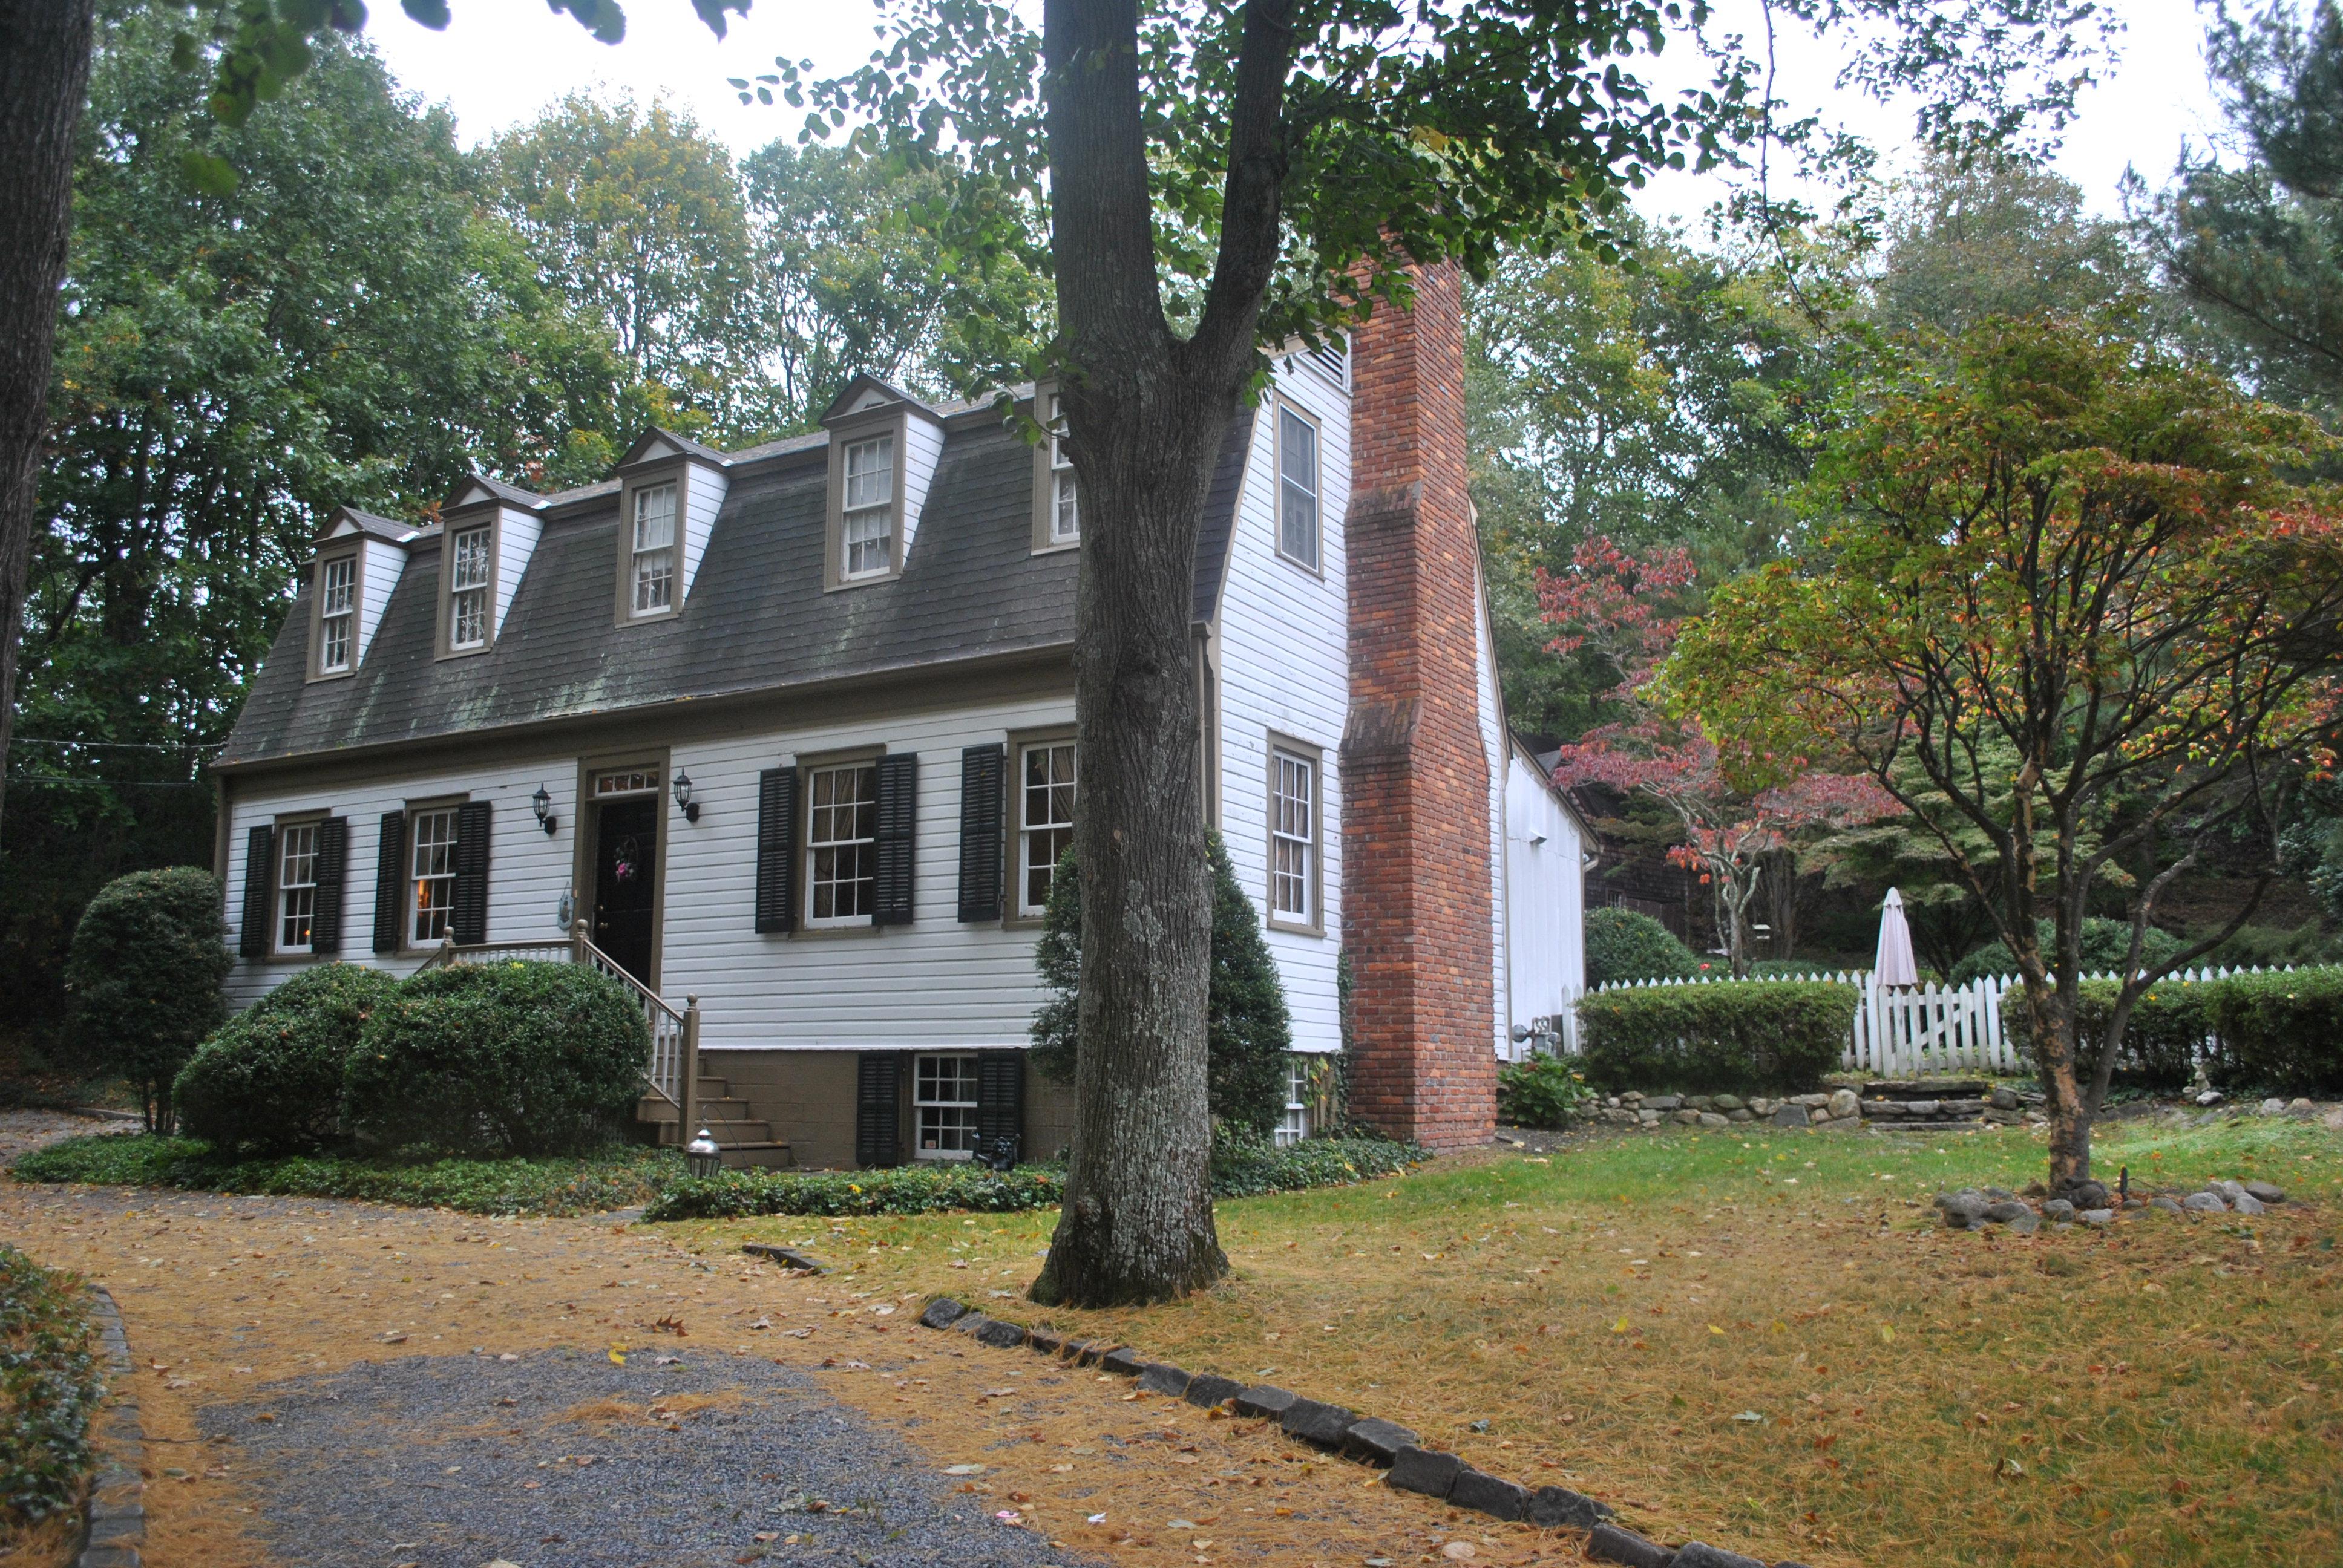 Einfamilienhaus für Verkauf beim Live Tax Free with Cottage & Antique Home 55 & 57 Main St Stony Brook, New York, 11790 Vereinigte Staaten